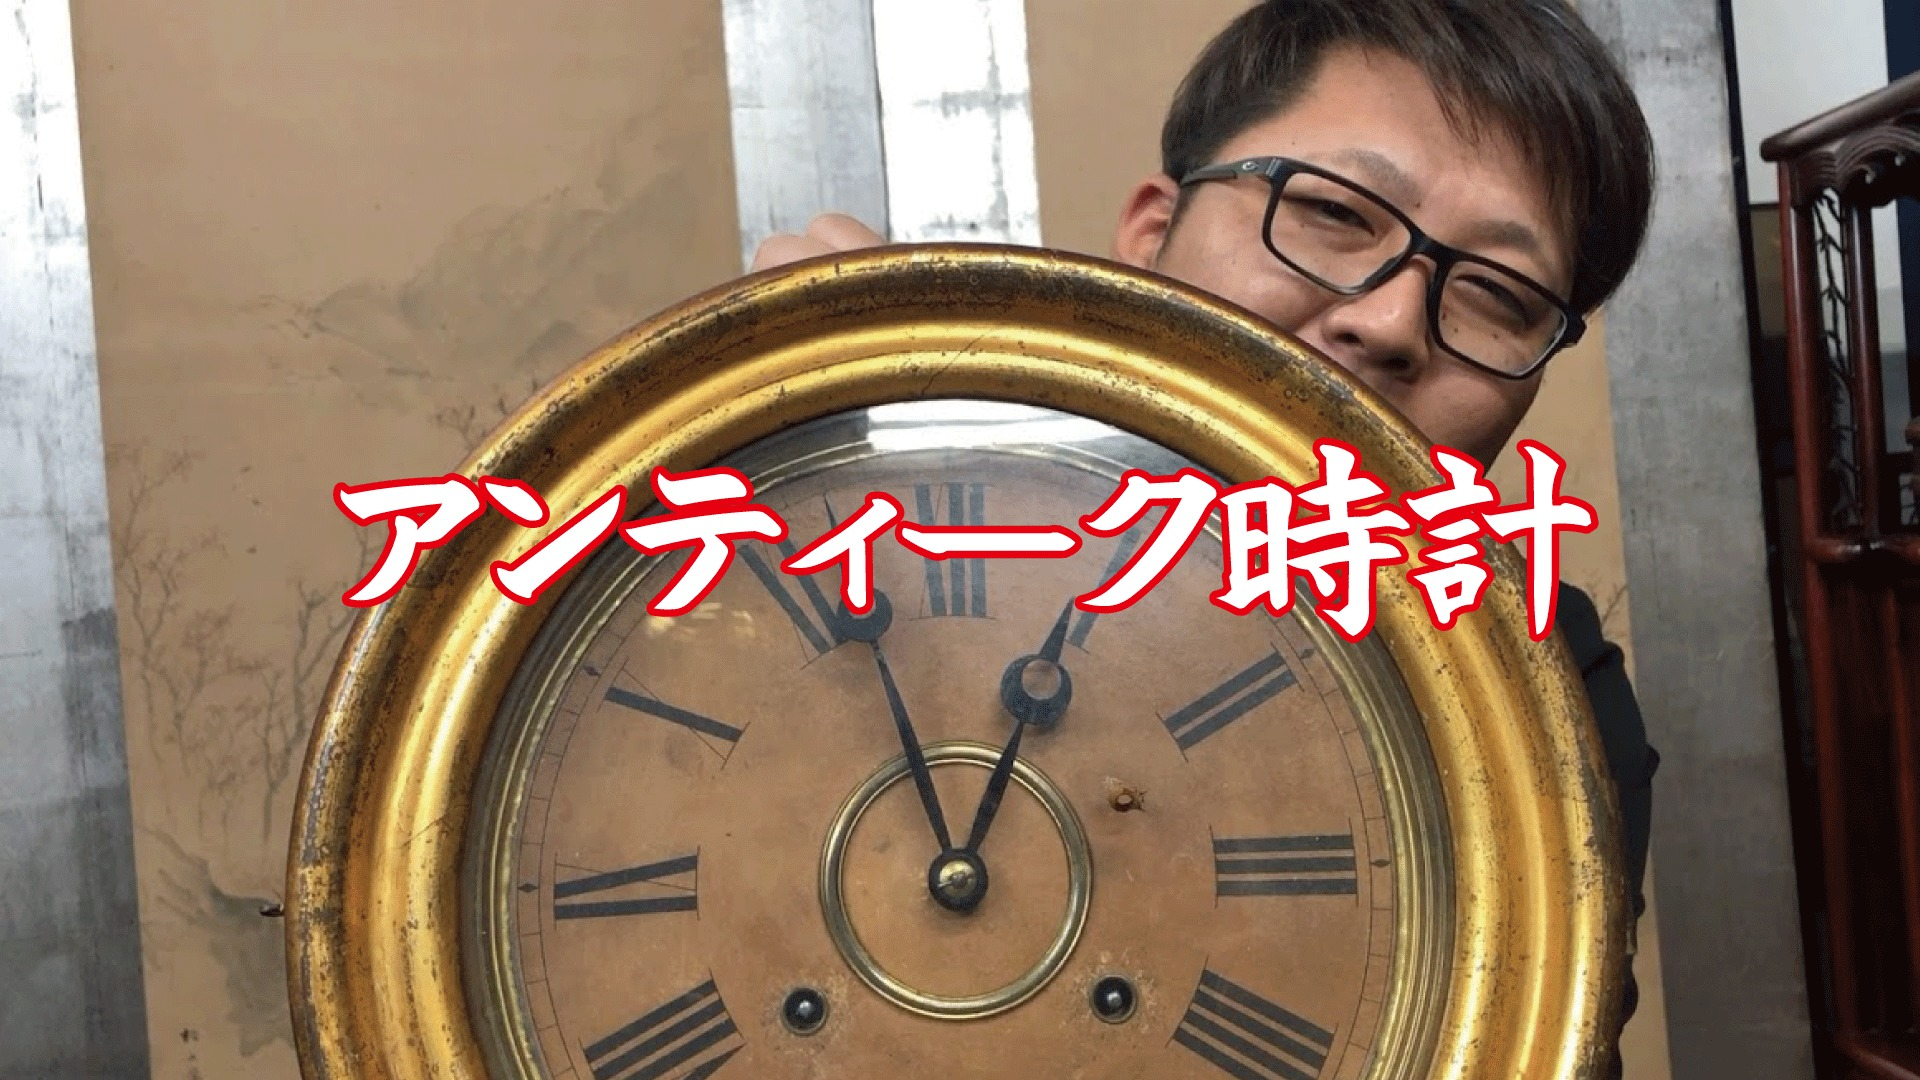 グラハムアンティーク時計